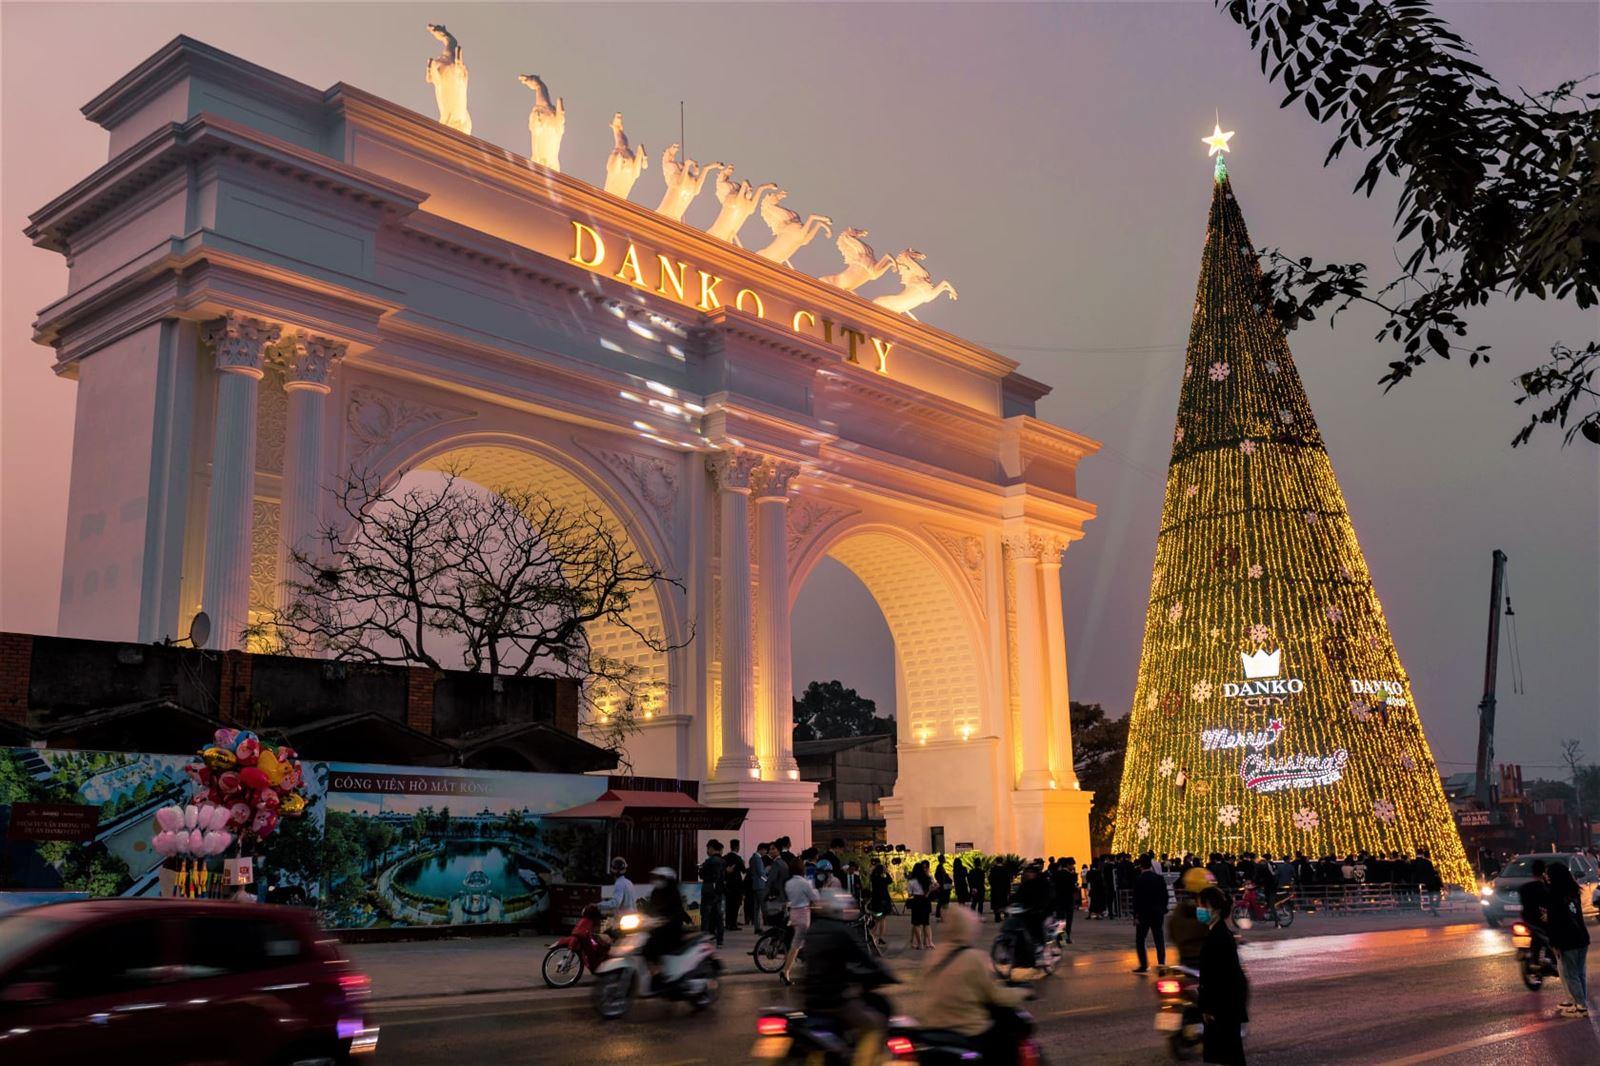 Lễ hội thắp sáng cây thông Noel tại Danko City